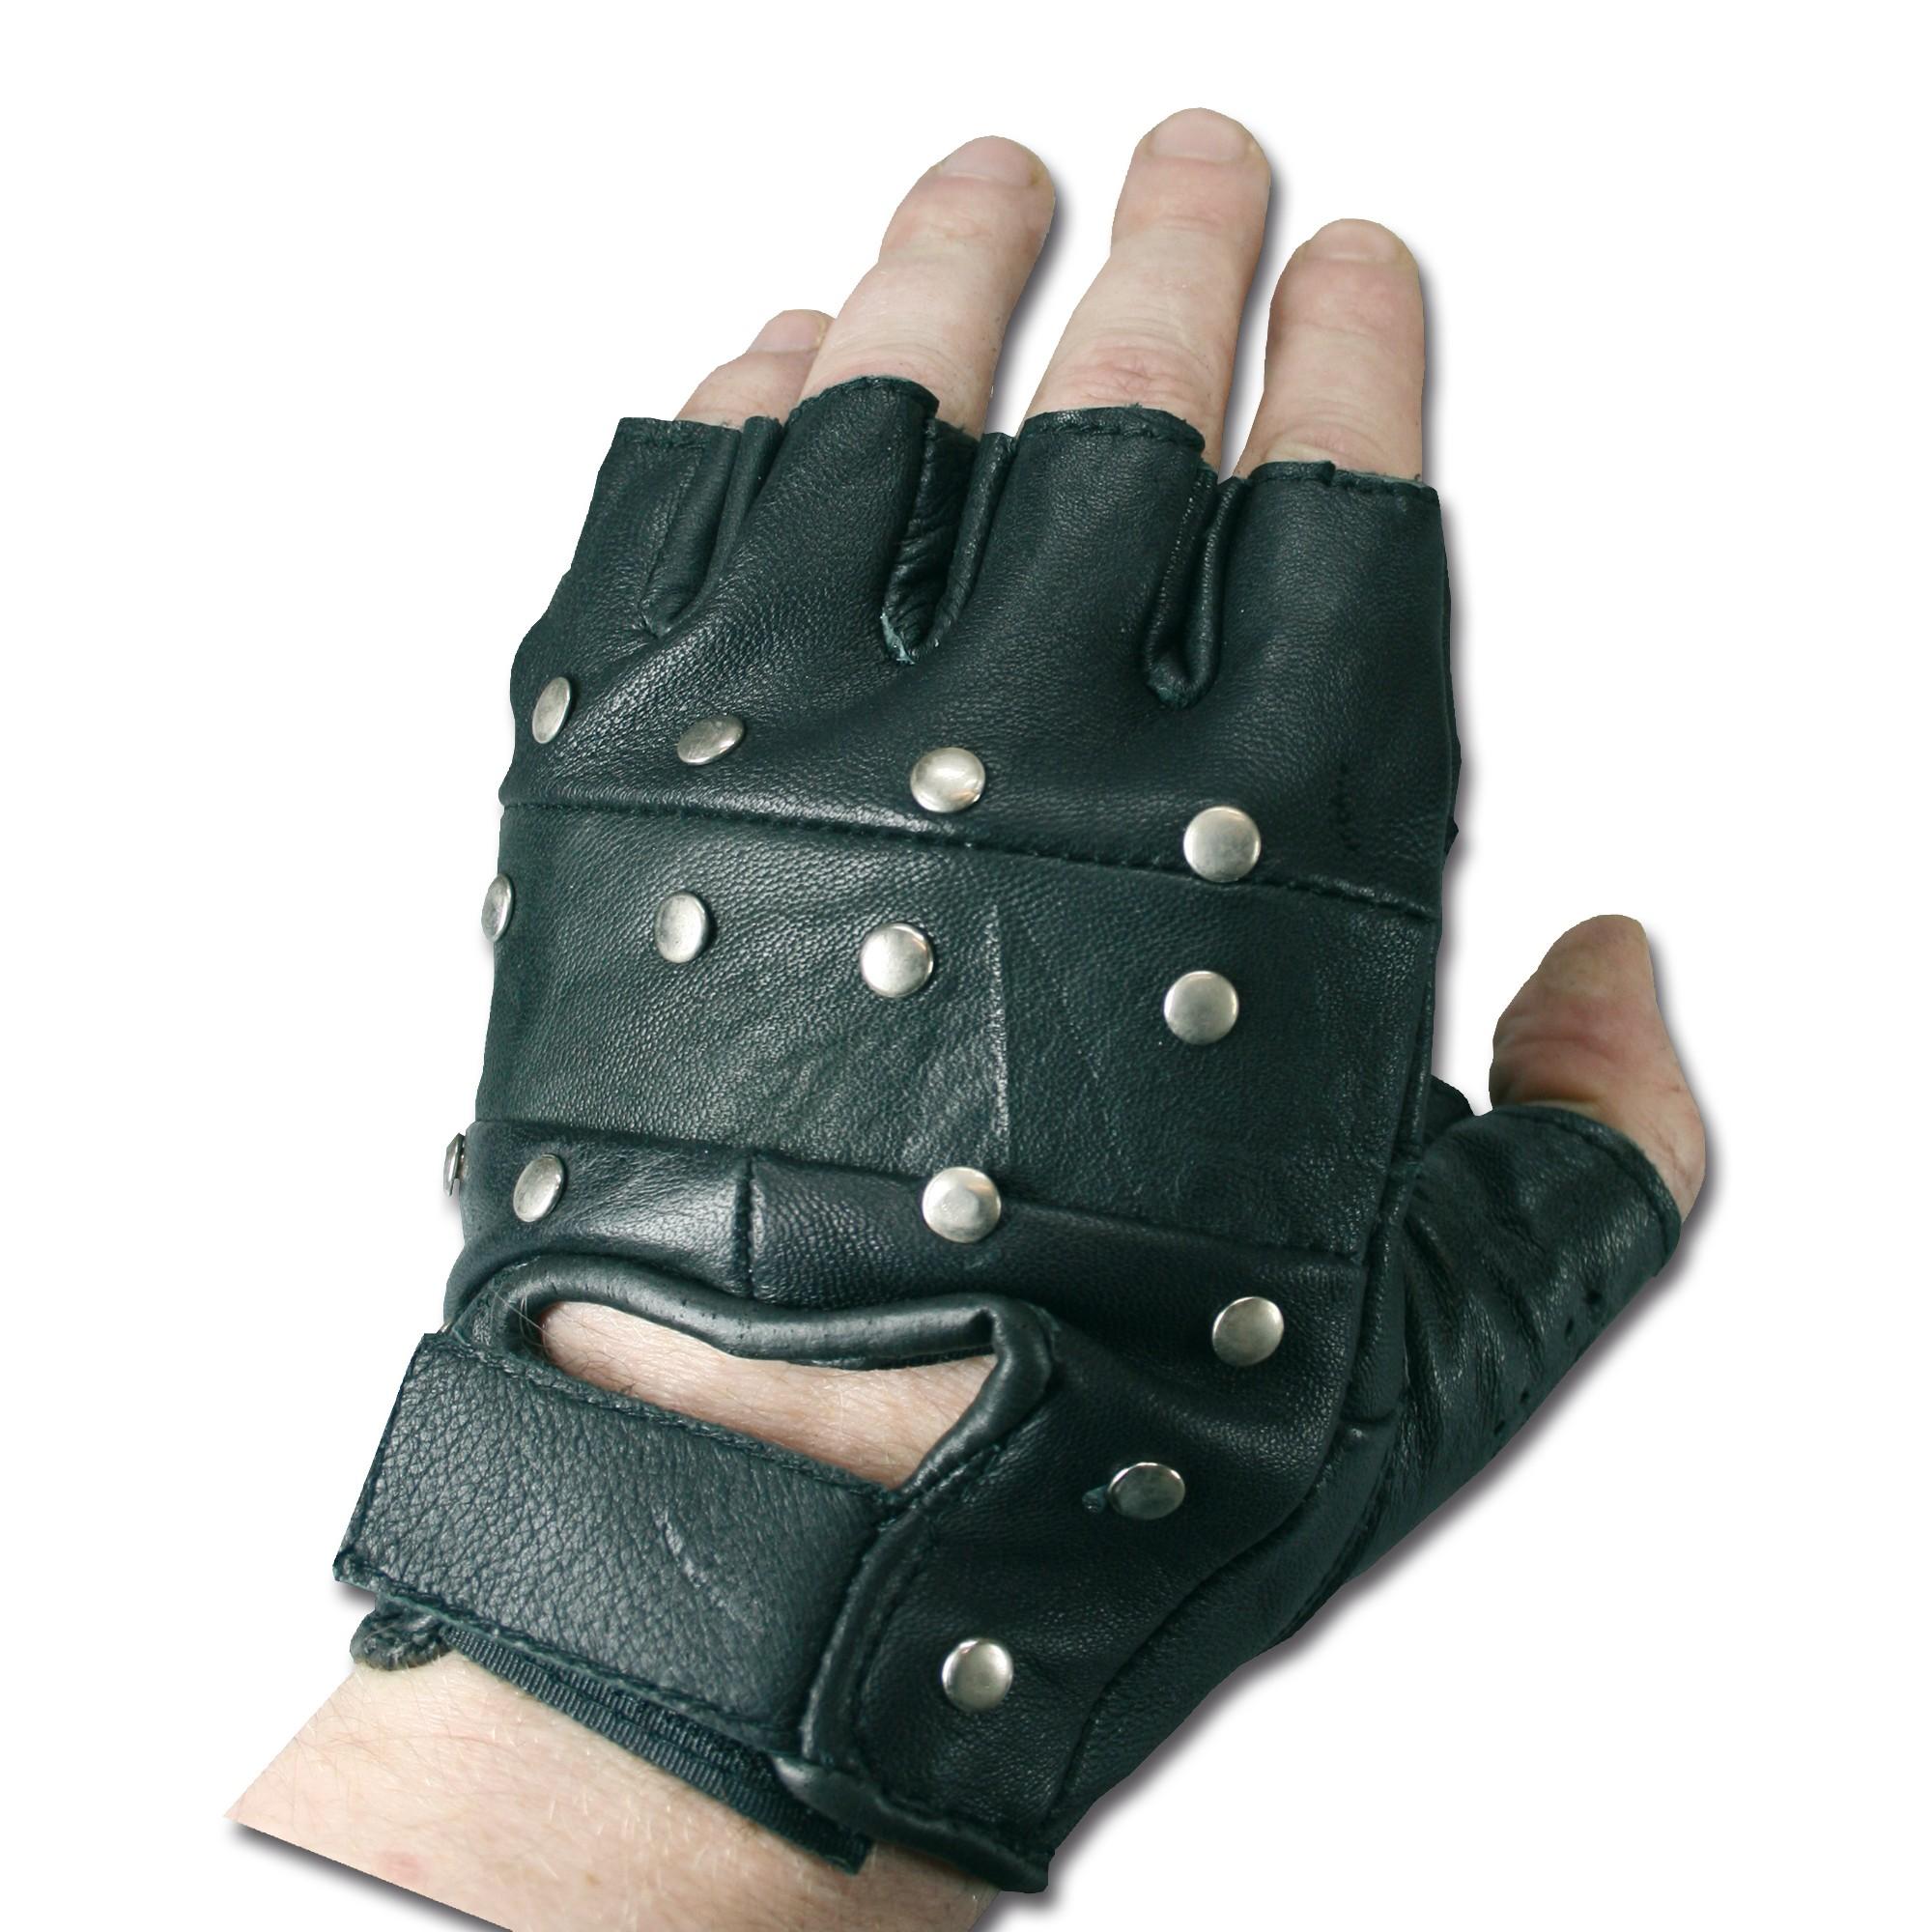 Handschuhe Tactical mit Nieten